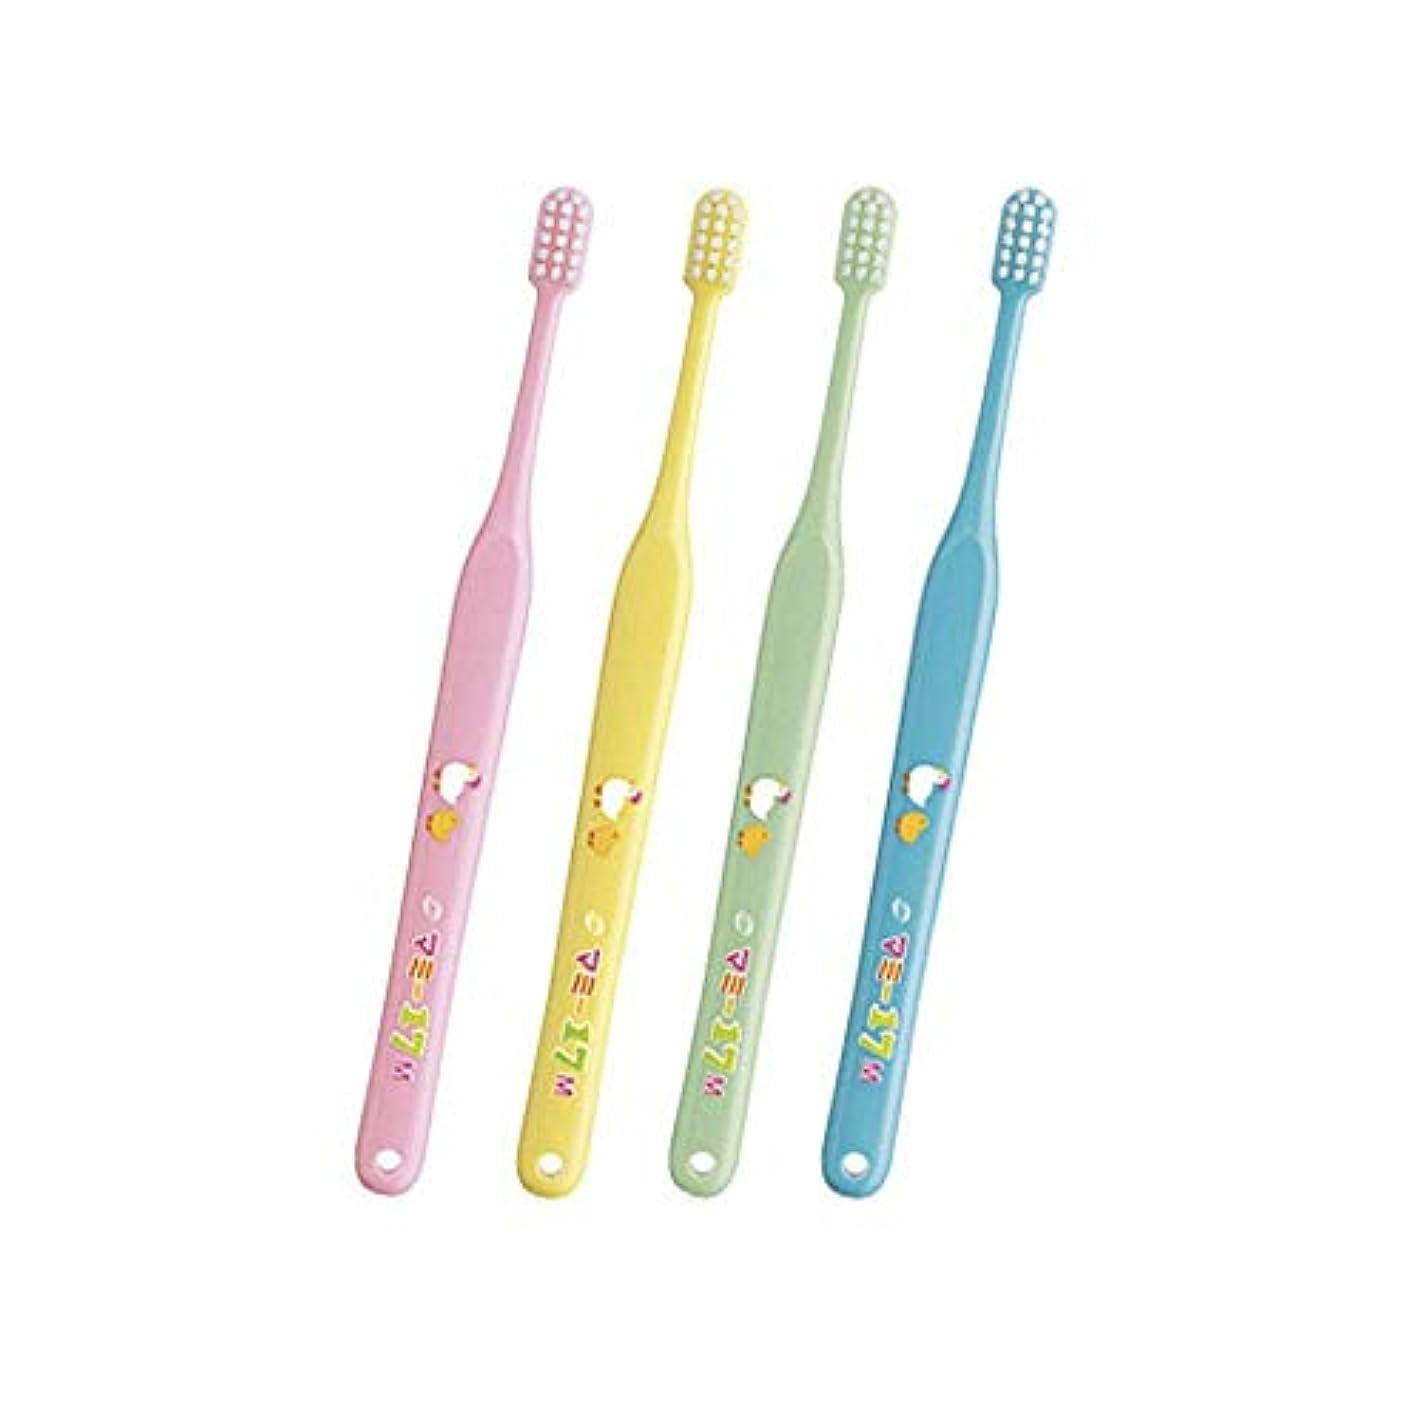 コイルスムーズに担当者オーラルケア マミー17歯ブラシ 10本 アソート ミディアム(M)